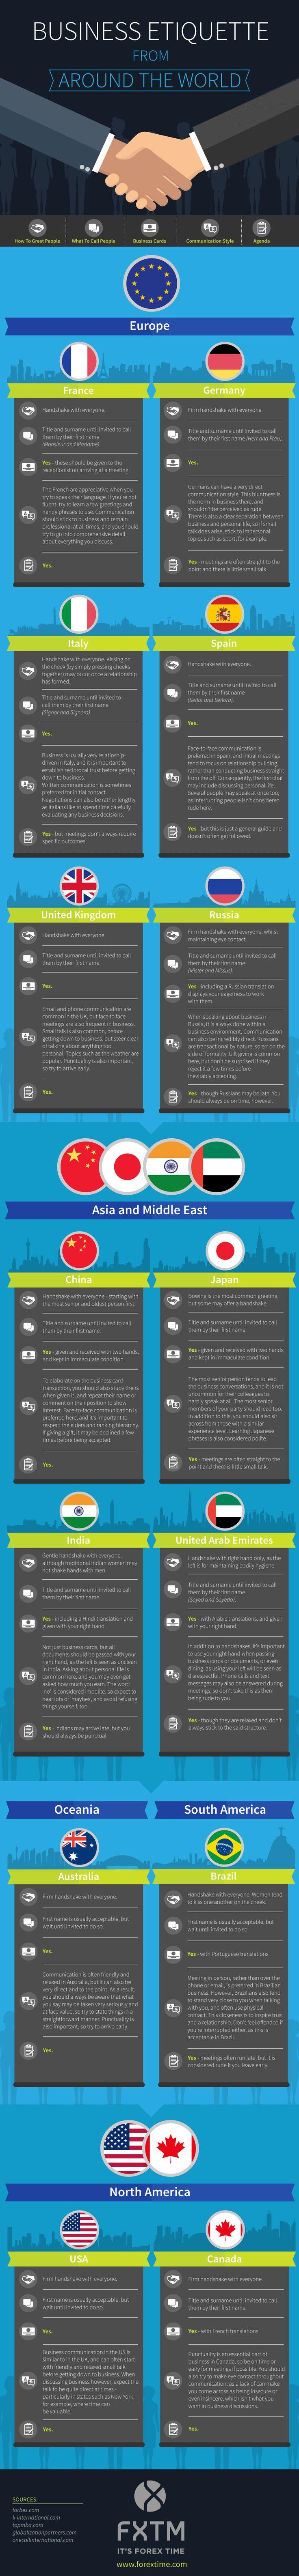 Tipps zu Business-Knigge weltweit #Infographic #Business #Travel